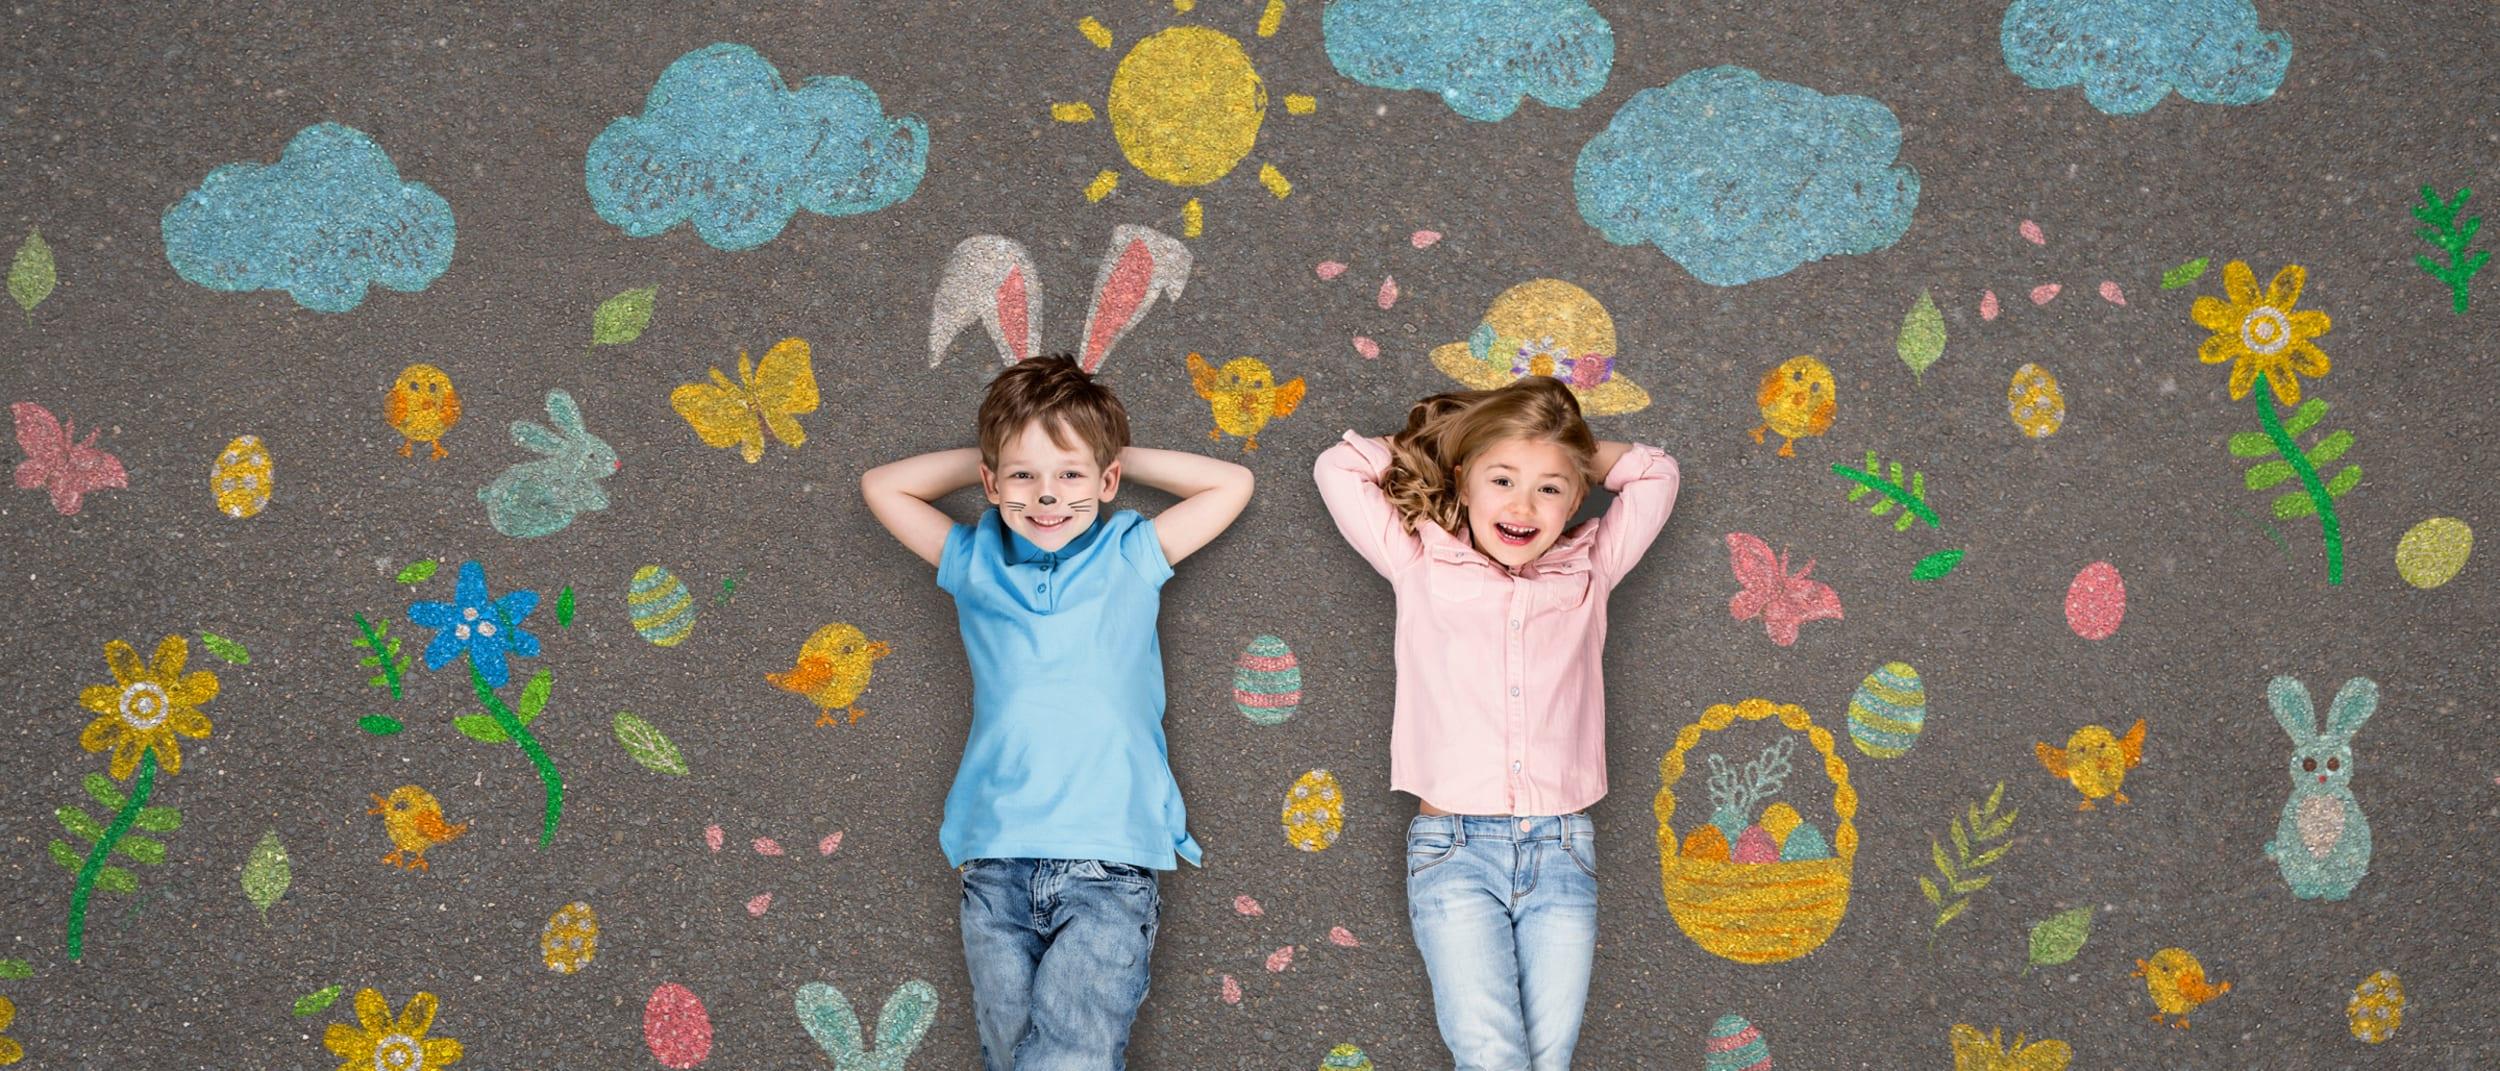 Darrell Lea Easter egg hunt